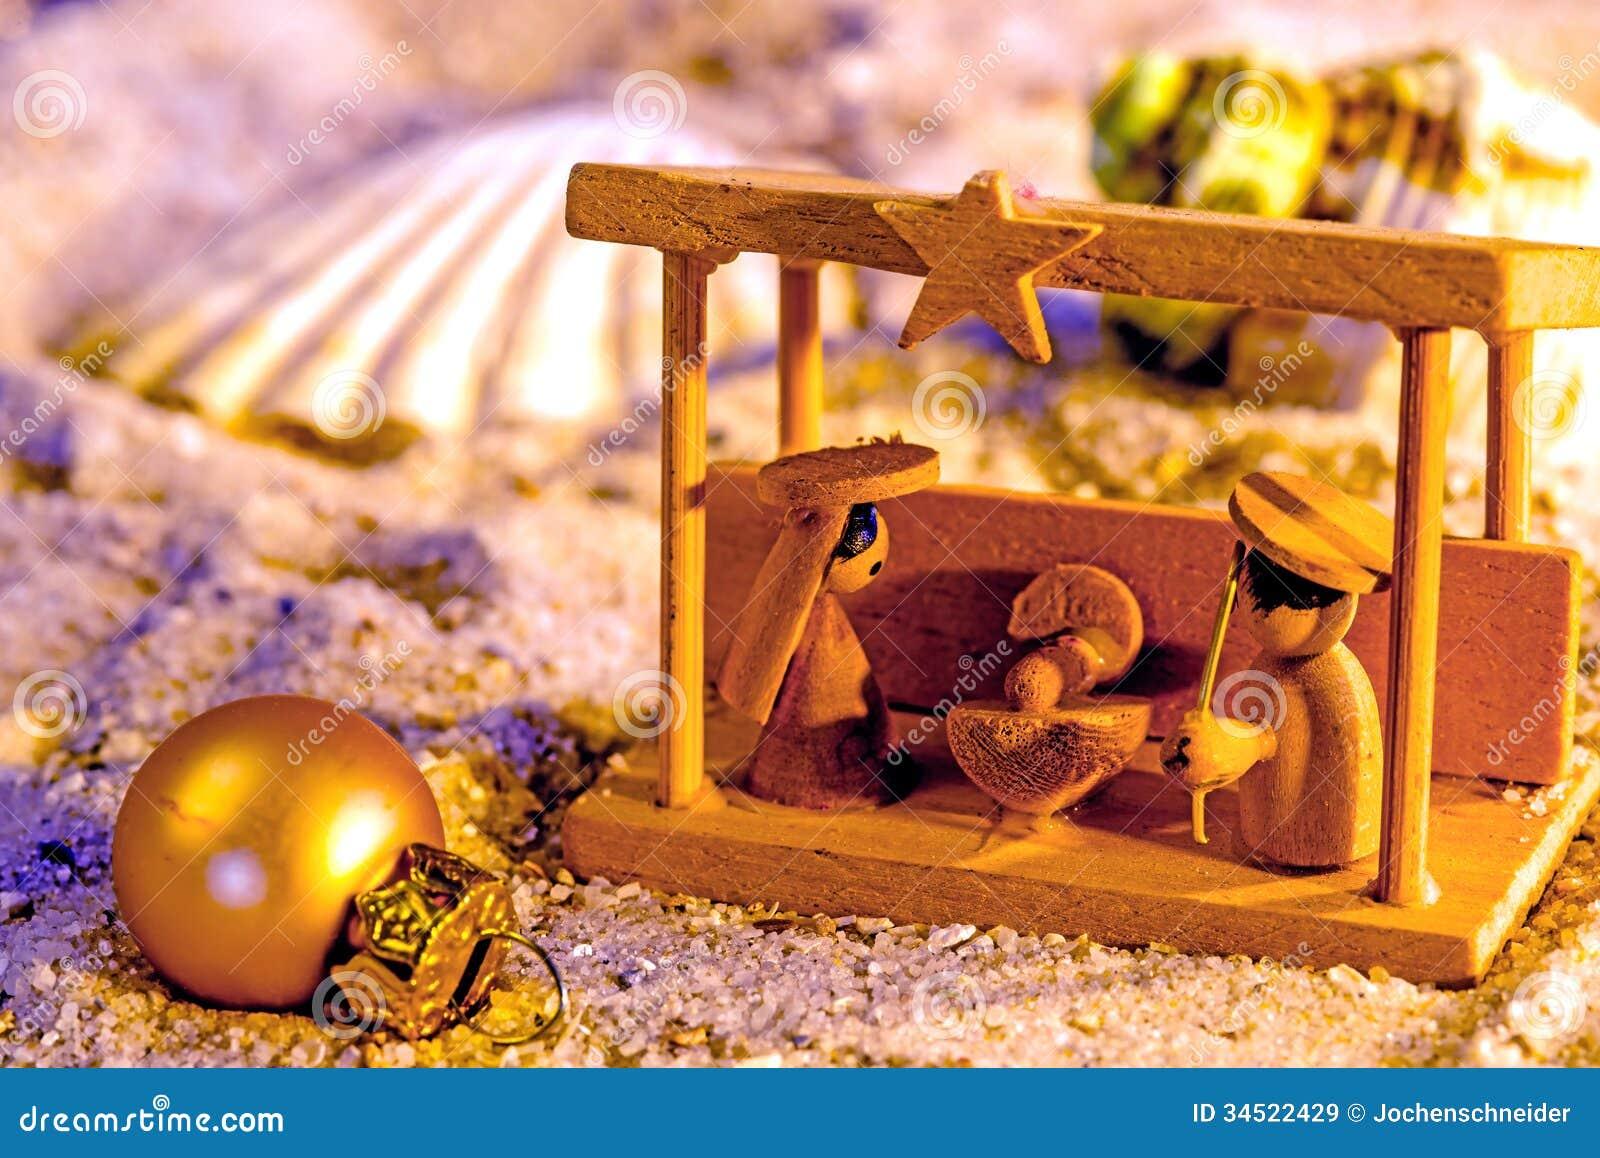 Krippe auf einem Strand stockbild. Bild von hölzern, szene - 34522429